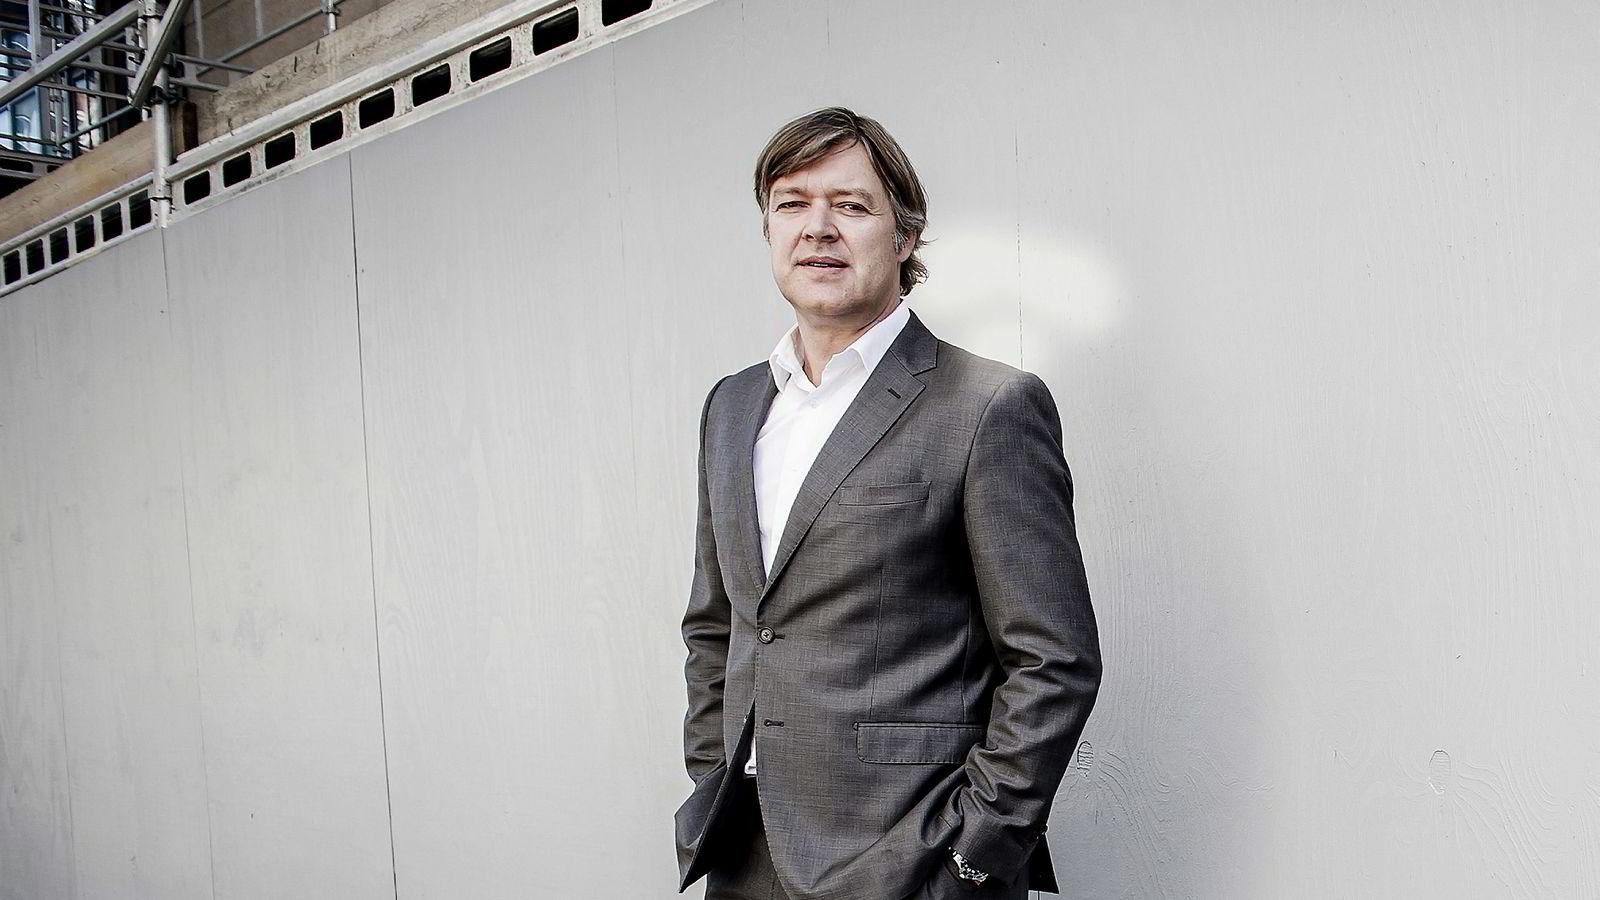 Toppsjef i Opera Lars Boilesen. Boilesens aksjer og opsjoner vil gi ham rundt 35 millioner kroner. Foto: Gorm K. Gaare